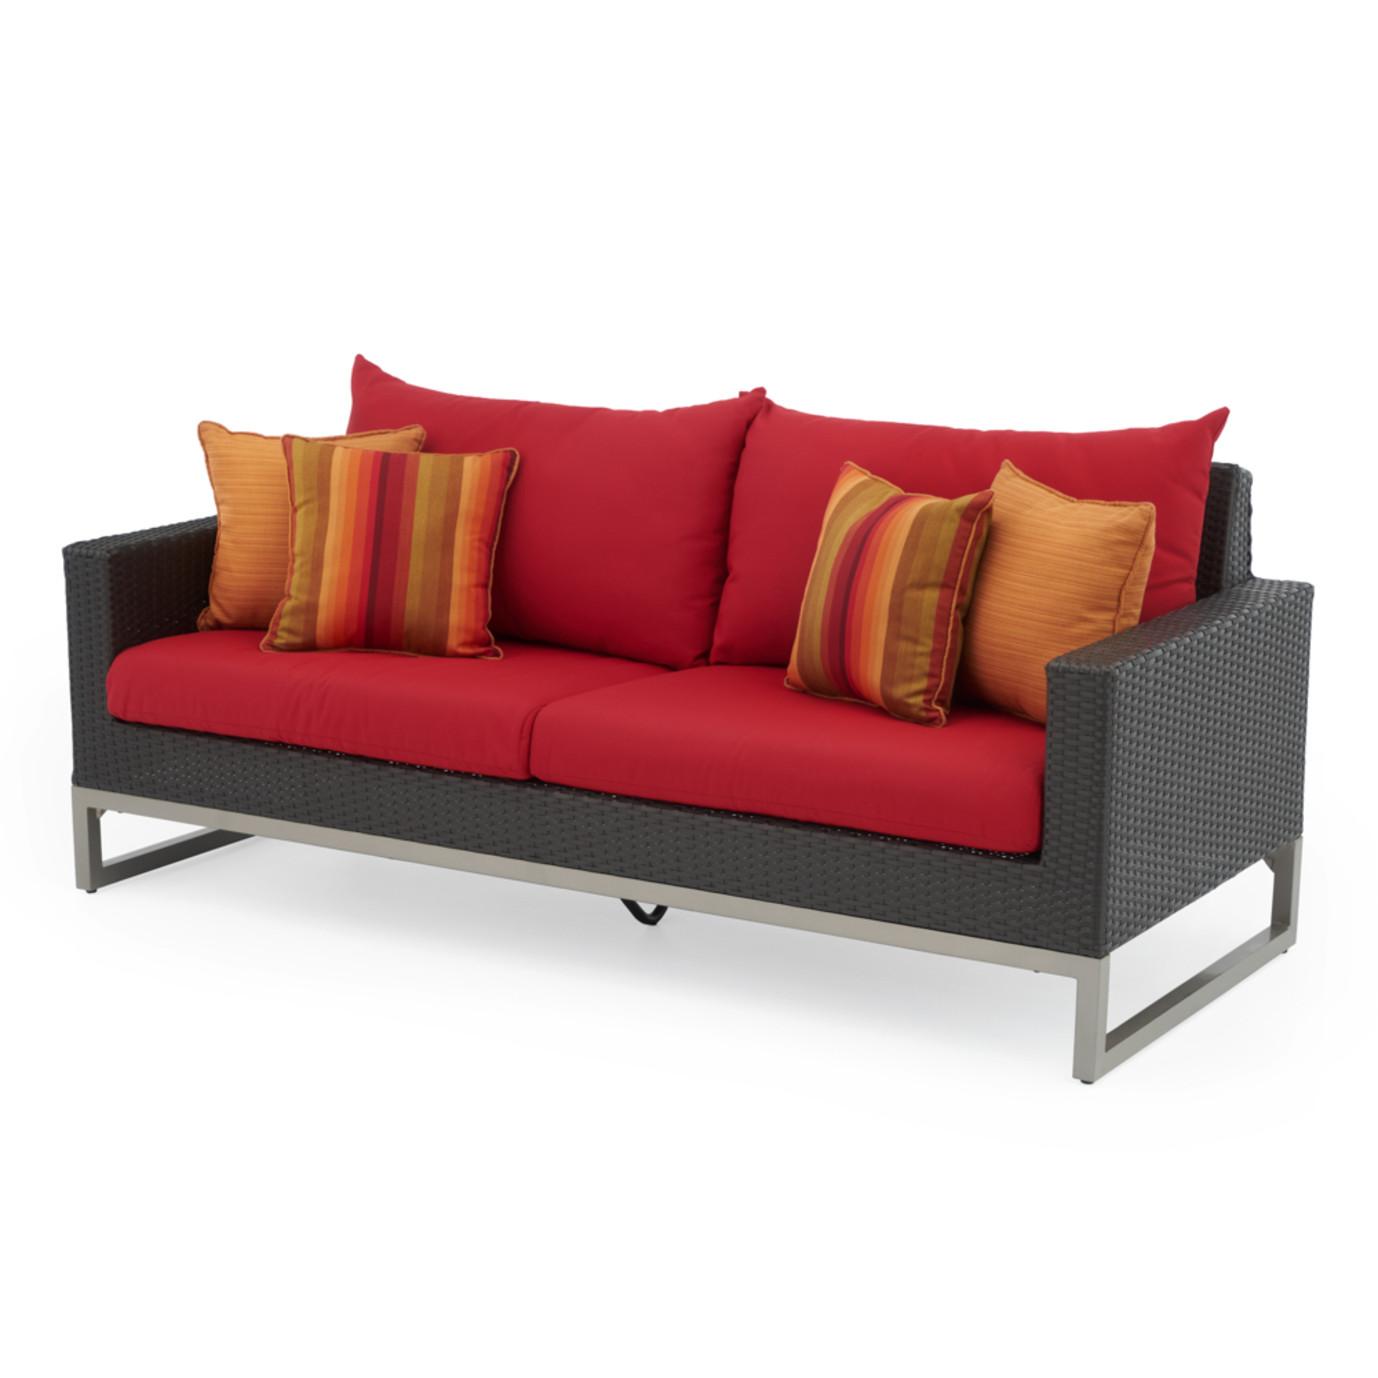 Milo™ Espresso 78in Sofa - Sunset Red